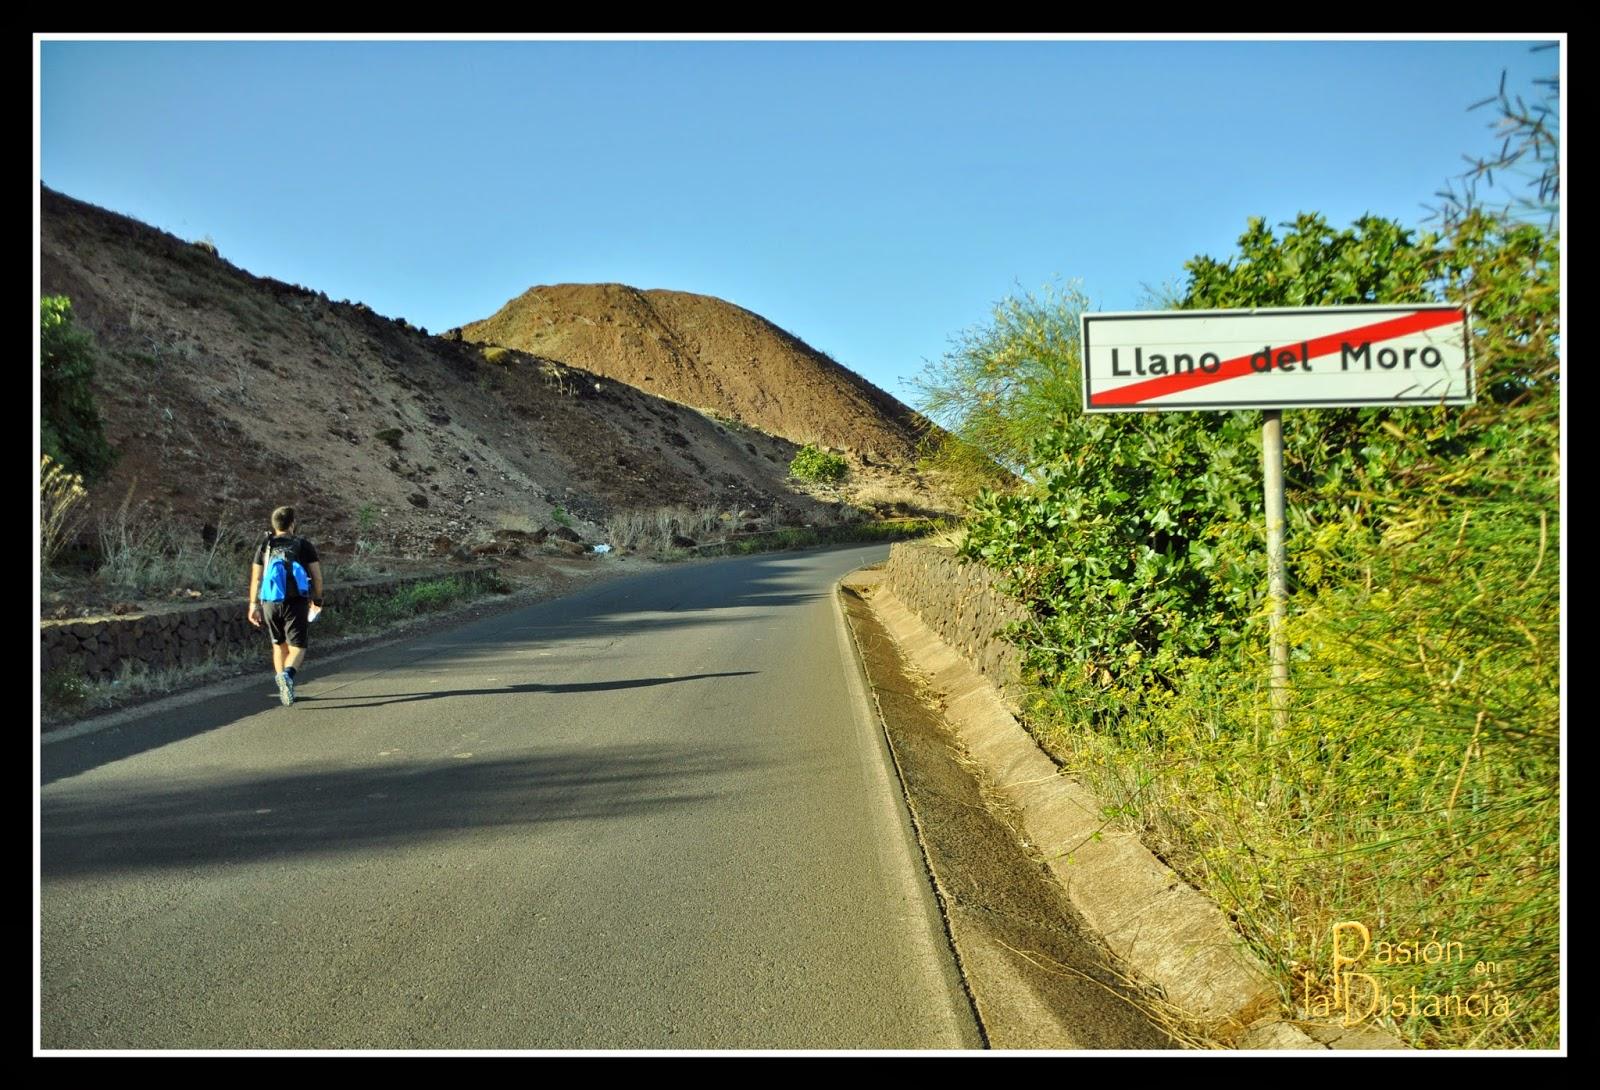 Camino_Viejo_de_Candelaria_Pasacola_Llano_del_Moro